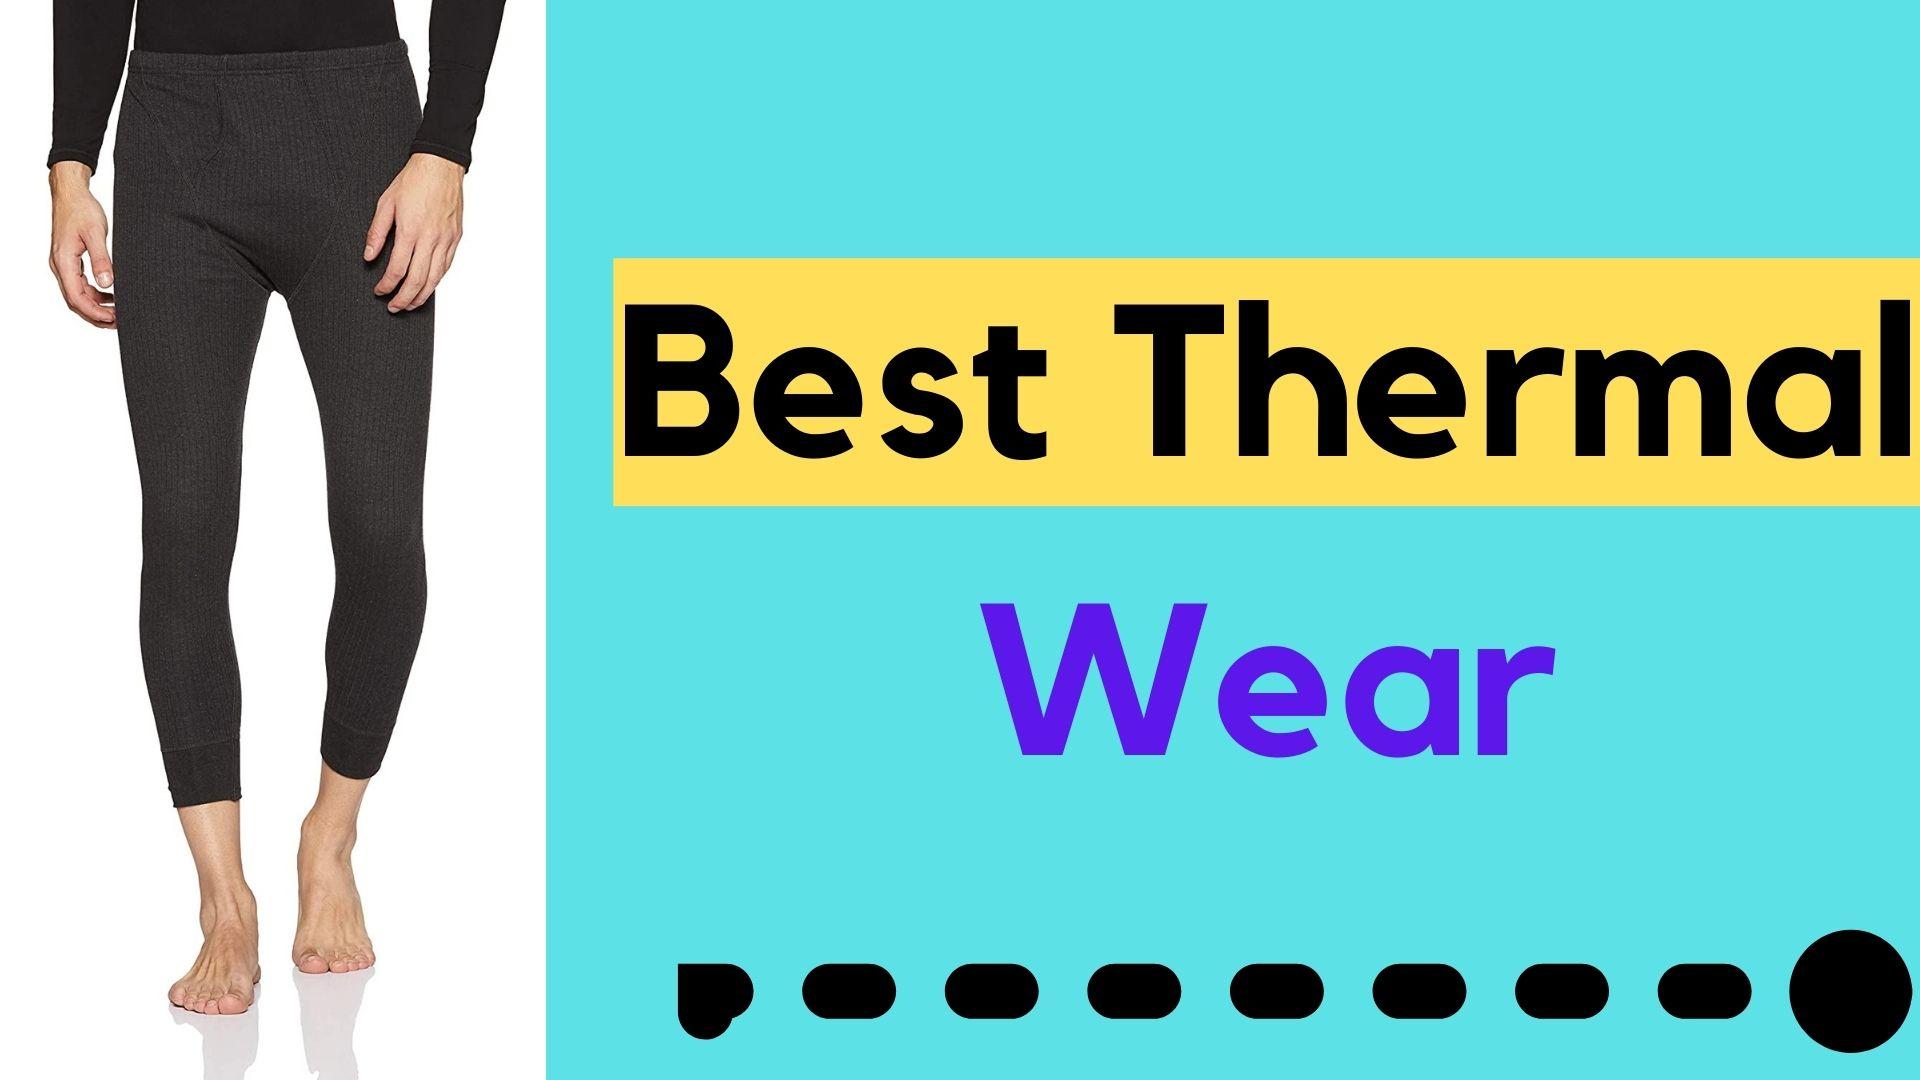 Best Thermal Wear